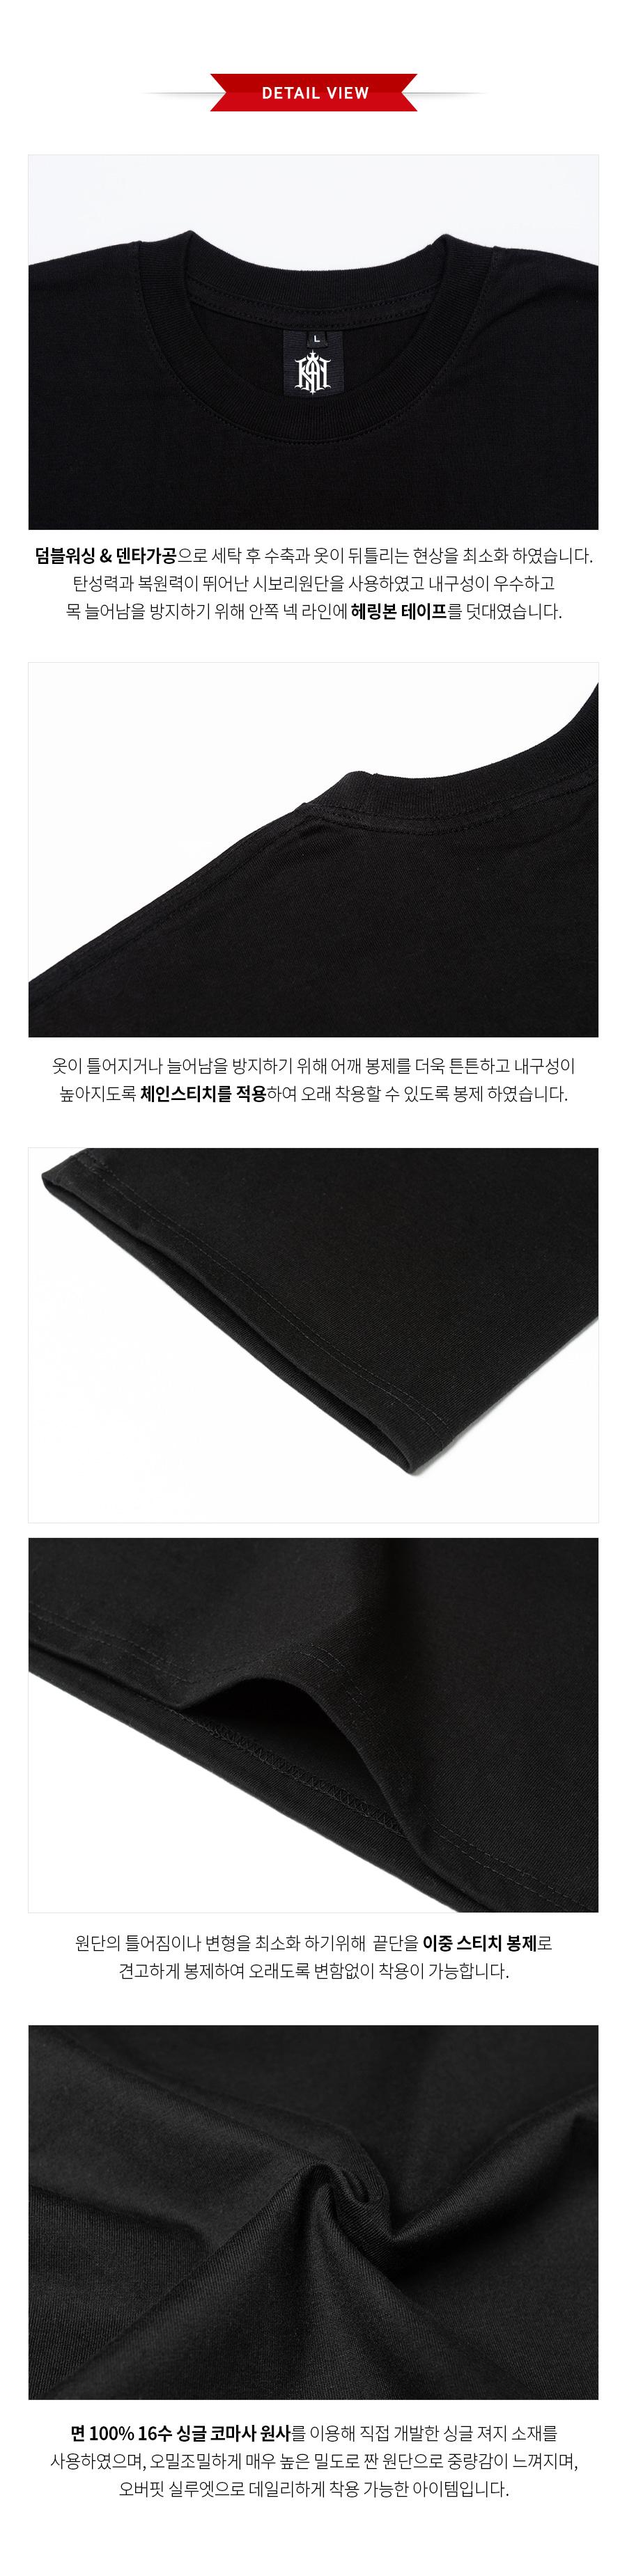 KTB0039 롯트와일러 반팔티셔츠 - 블랙